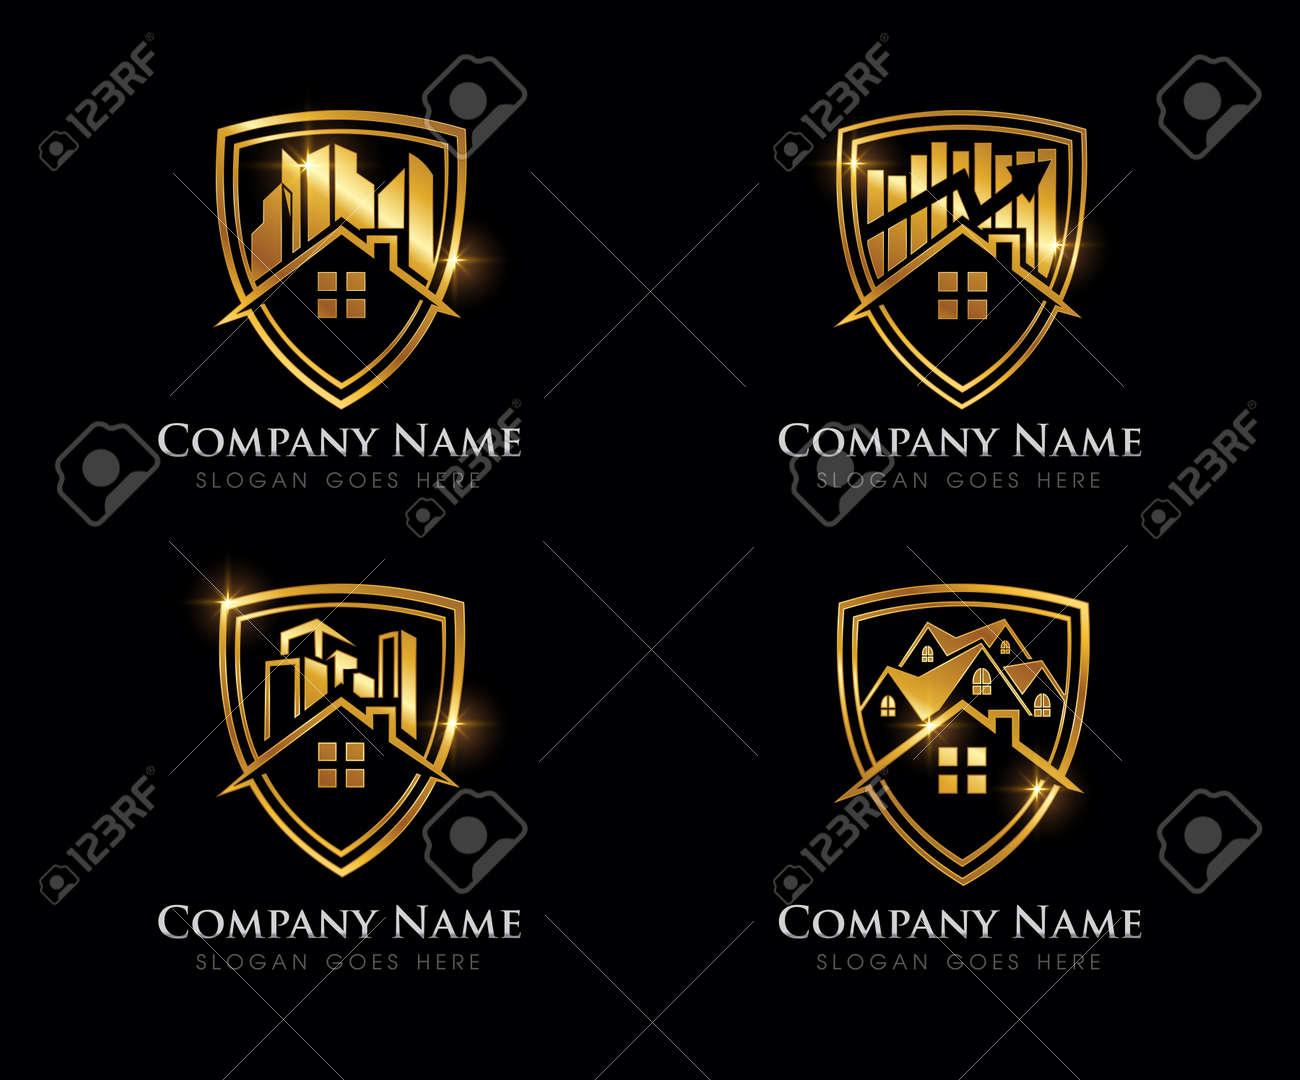 A Vector Illustration of Golden Real Estate Logo Sign - 168595013